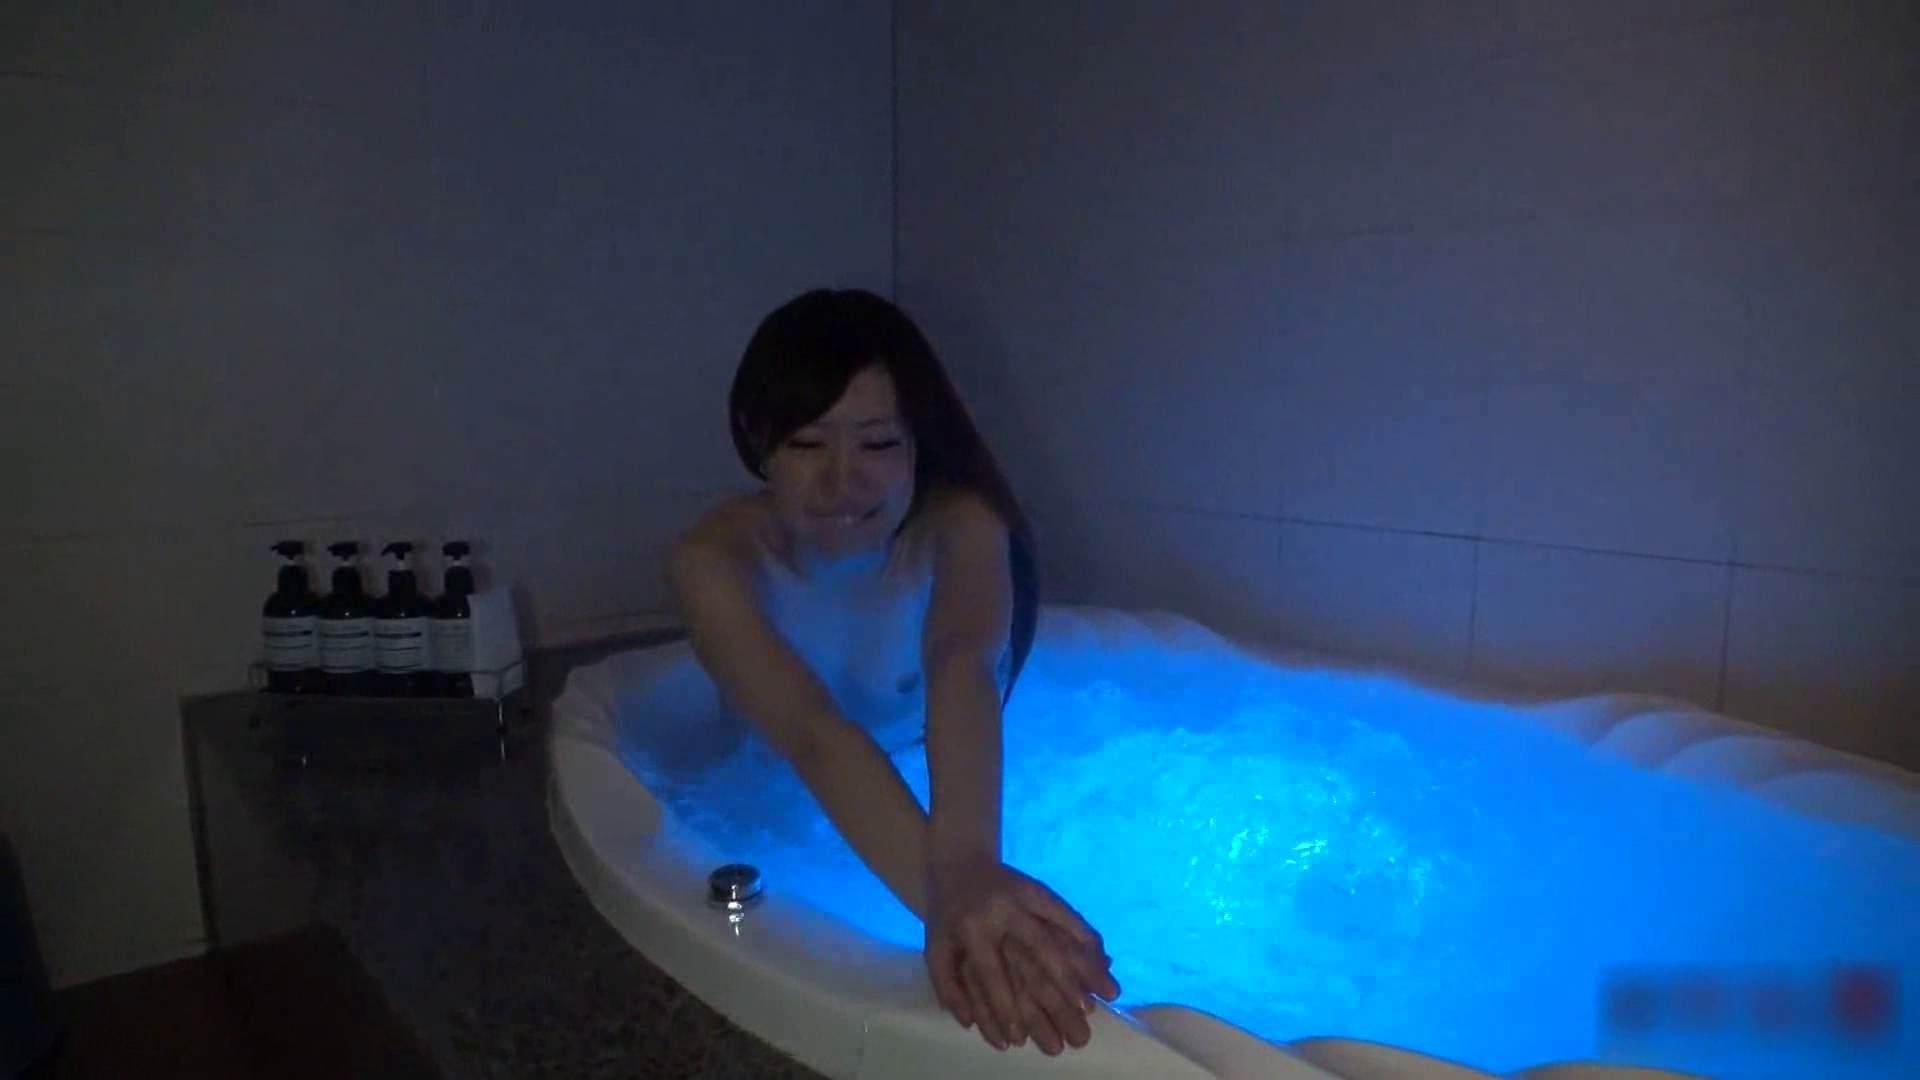 淫乱ギャル~エロい事を教えてあげる Vol.04 前編 淫乱   OL女体  75連発 28